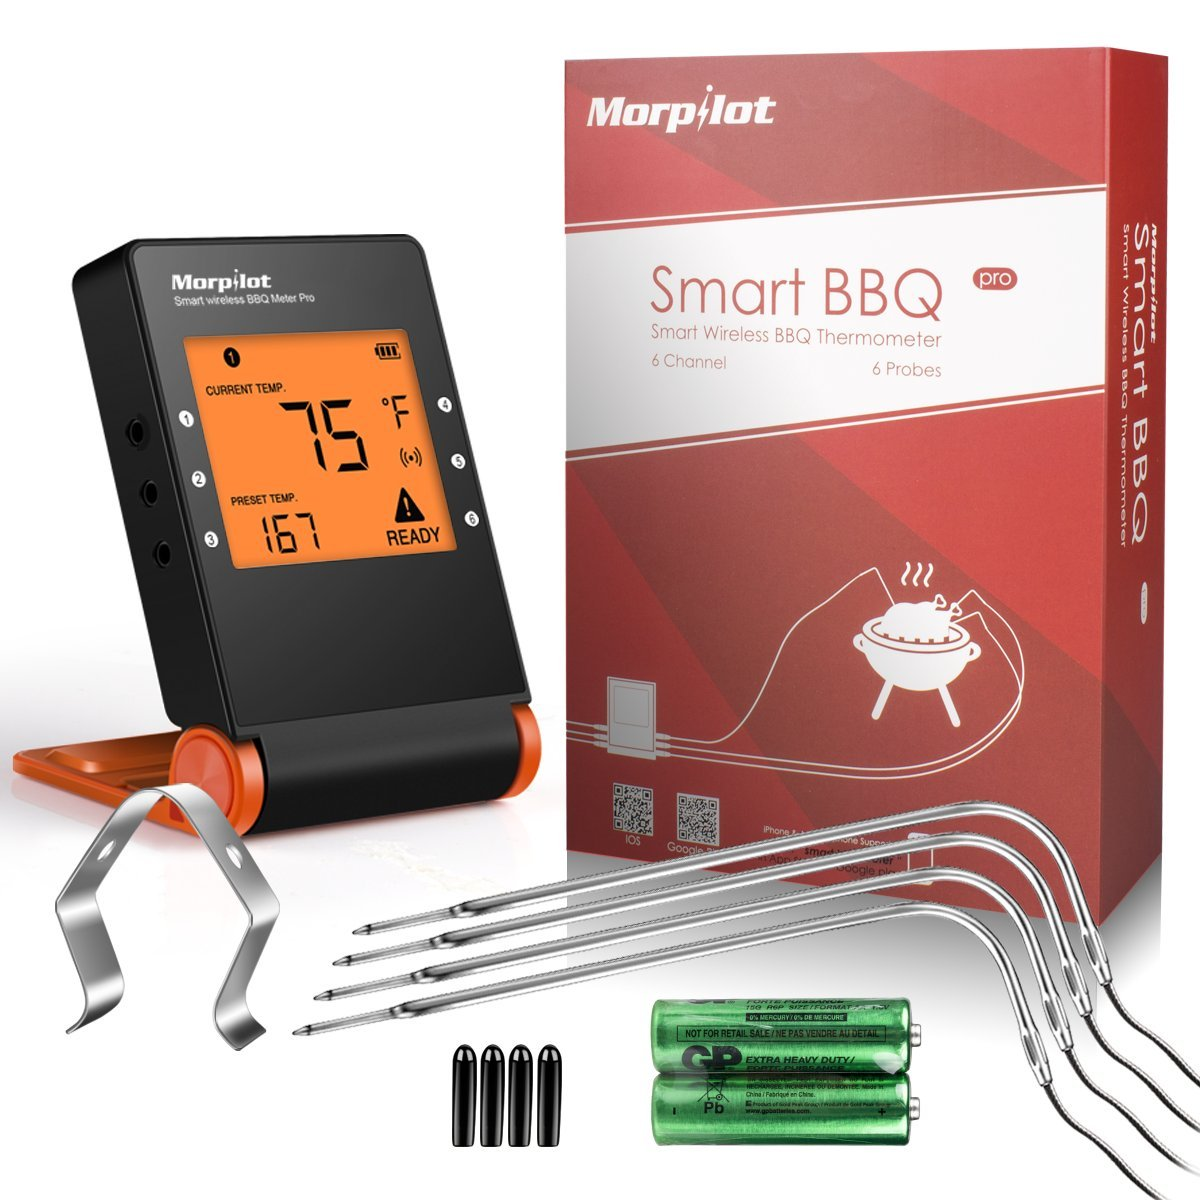 Grillthermometer mit, Morpilot Bratenthermometer Garten Digital Thermometer mit großem LCD-Display, 4 Edelstahl Temperaturfühlern, App für Grillen, Backen, Ofen Kochen Steak